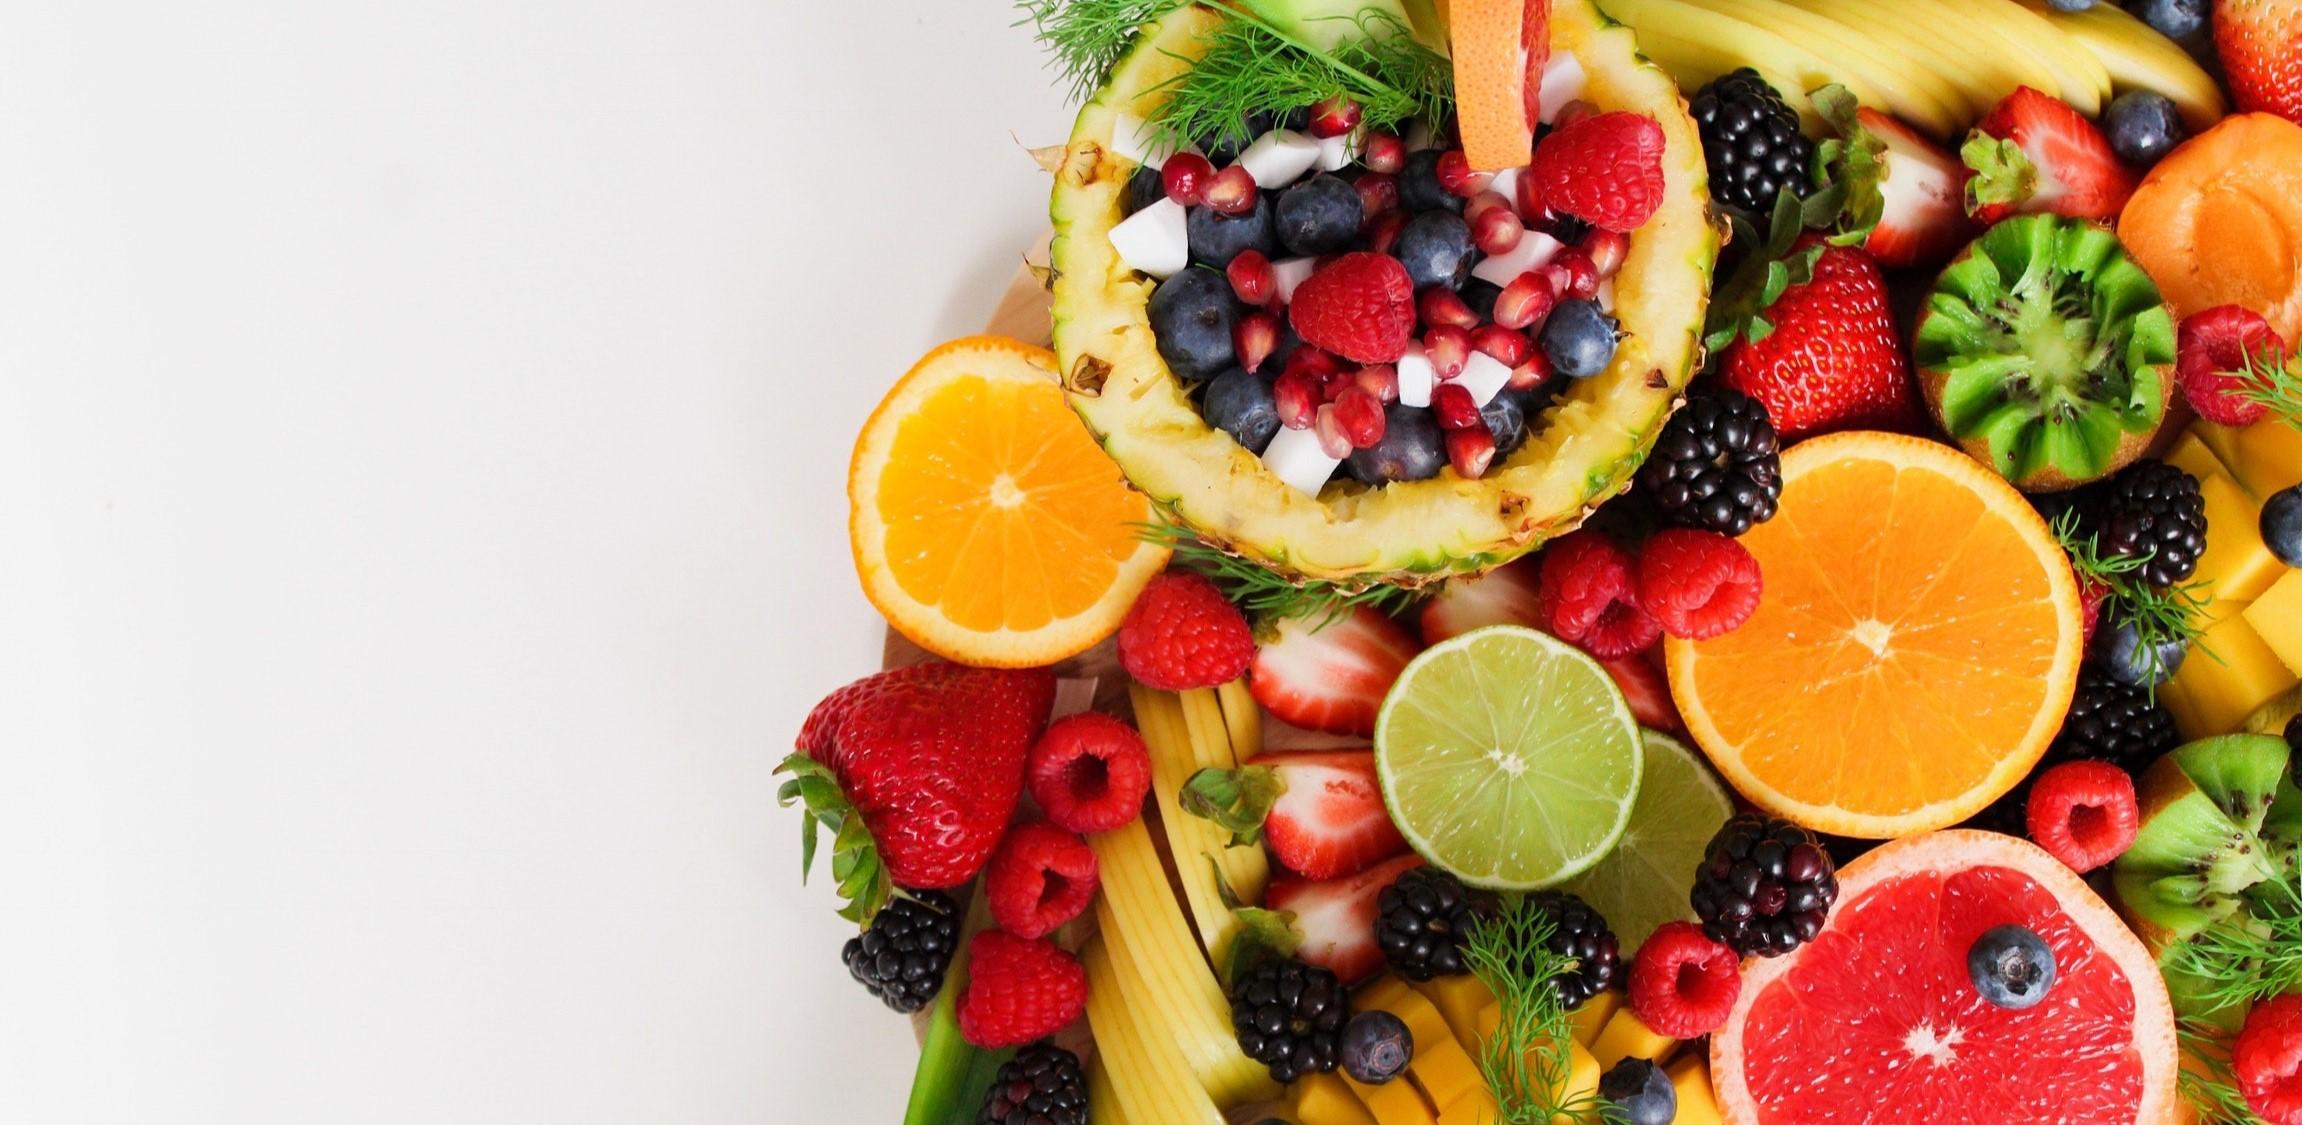 Des fruits exposés sur une table. Crédit photo: www.pexels.com